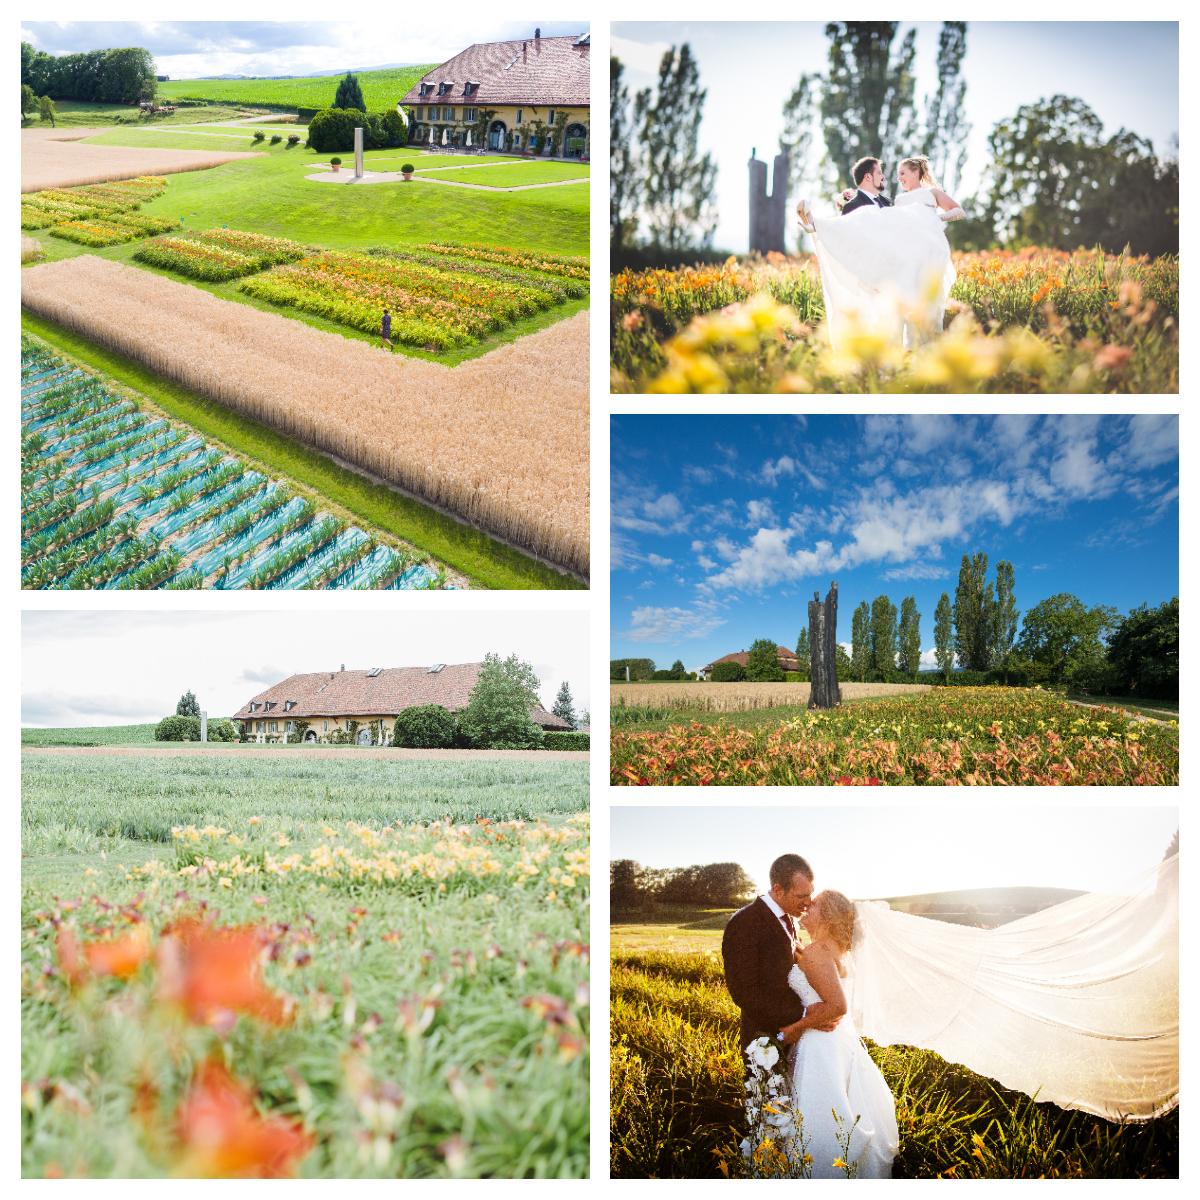 Unknown 1 - En été - Parez votre mariage des doux rayons du soleil !